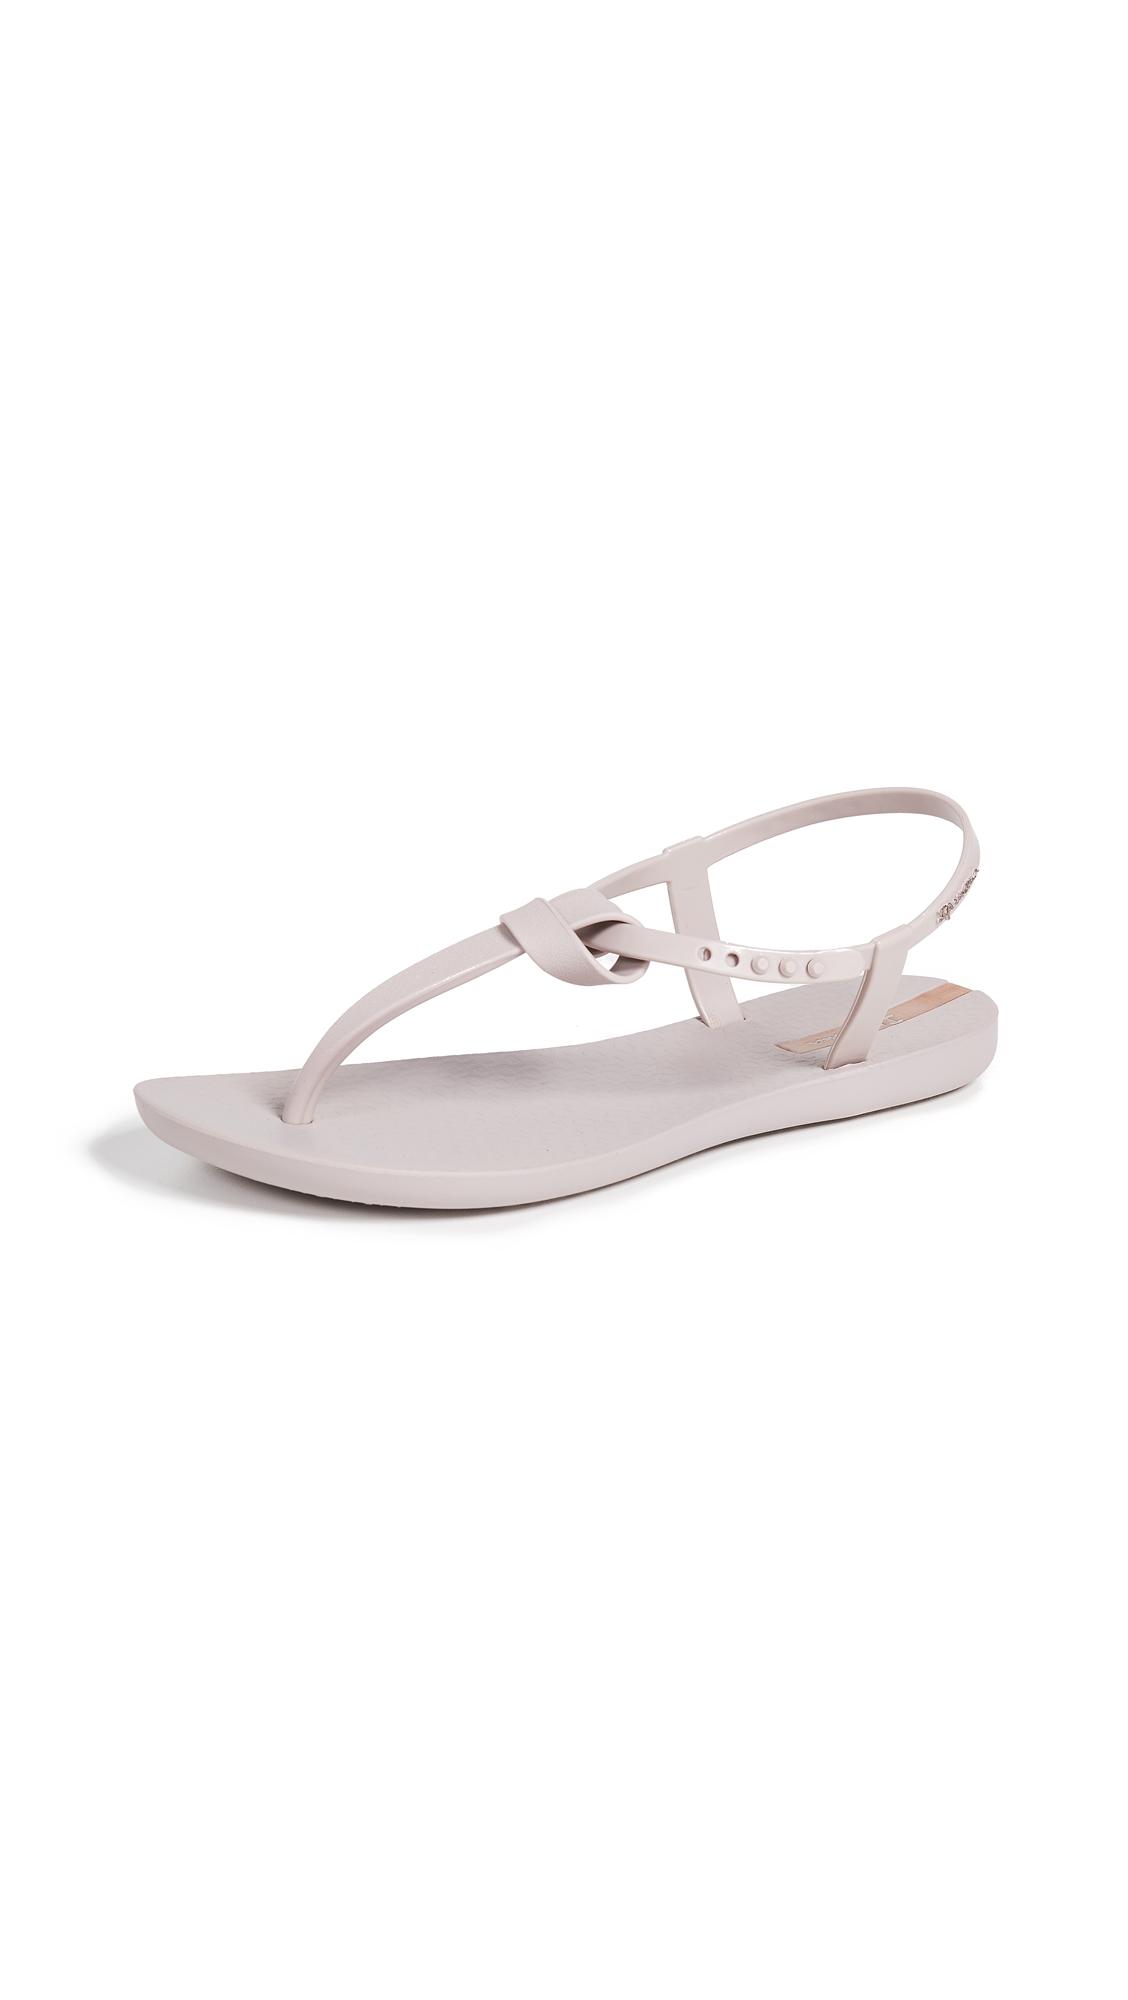 Ipanema Ellie Knot T-Strap Sandals - Beige/Beige